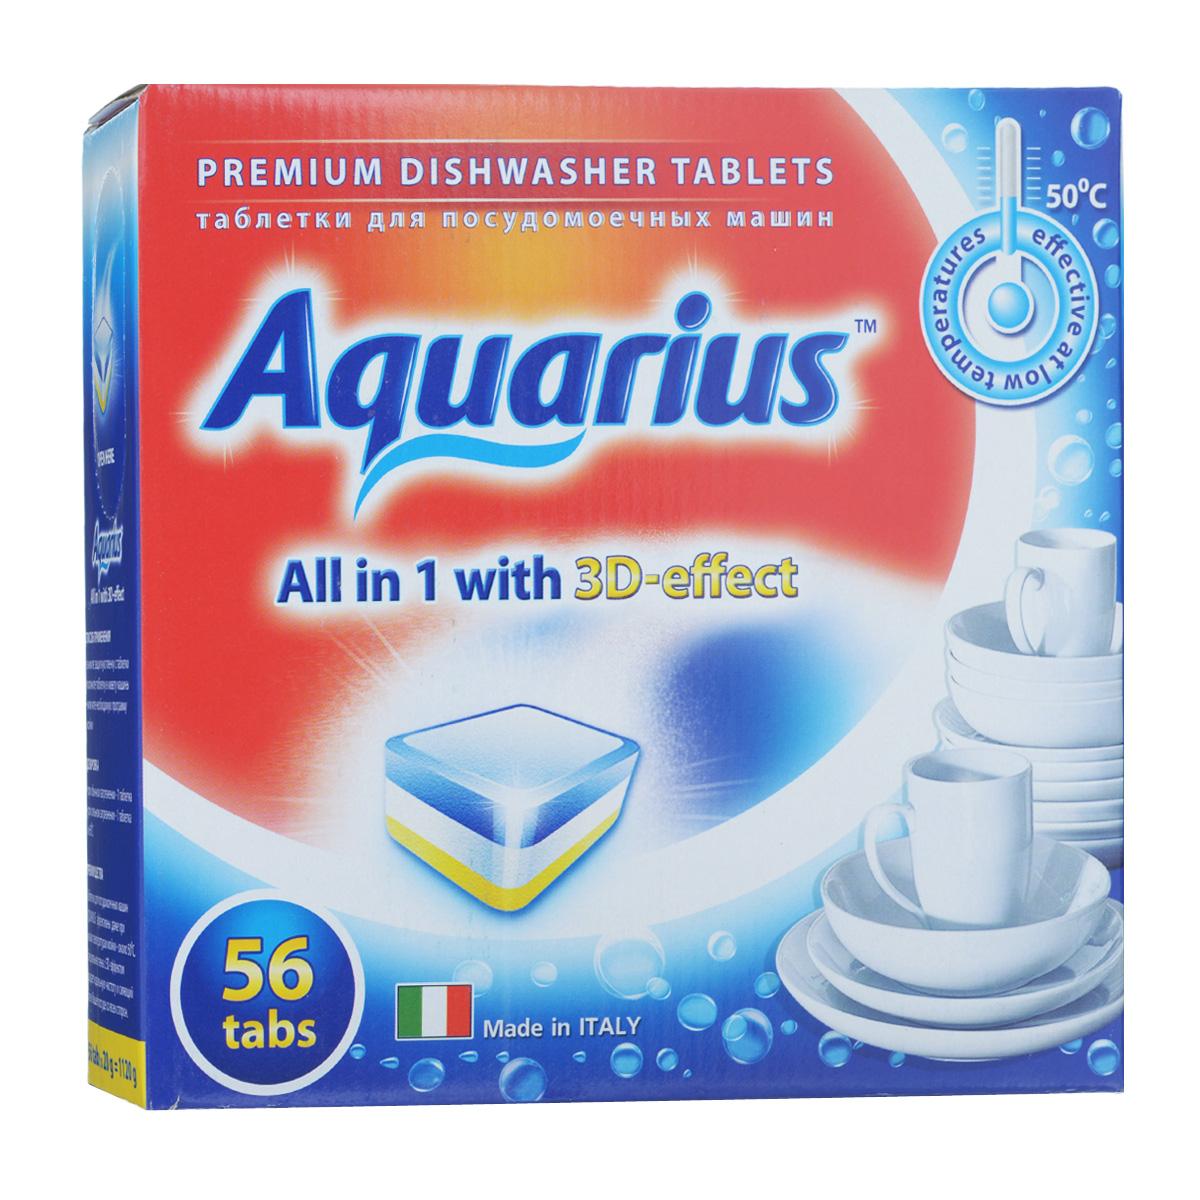 Таблетки для посудомоечных машин Lotta Aquarius, 56 шт16243Таблетки Lotta Aquarius предназначены для посудомоечных машин. Специальная пена с 3D-эффектом придает идеальную чистоту и сияющий блеск вашей посуде со всех сторон. Таблетки эффективны даже при низких температурах мойки - около 30°С.Для этого необходимо снять защитную пленку, положить таблетку в кювету машины и включить необходимую программу. В комплект входит 56 штук. Вес одной таблетки: 20 г. Состав: триполифосфат натрия, поликарбоксилат, неионные ПАВ, энзимы, ароматизатор. Товар сертифицирован.Как выбрать качественную бытовую химию, безопасную для природы и людей. Статья OZON Гид